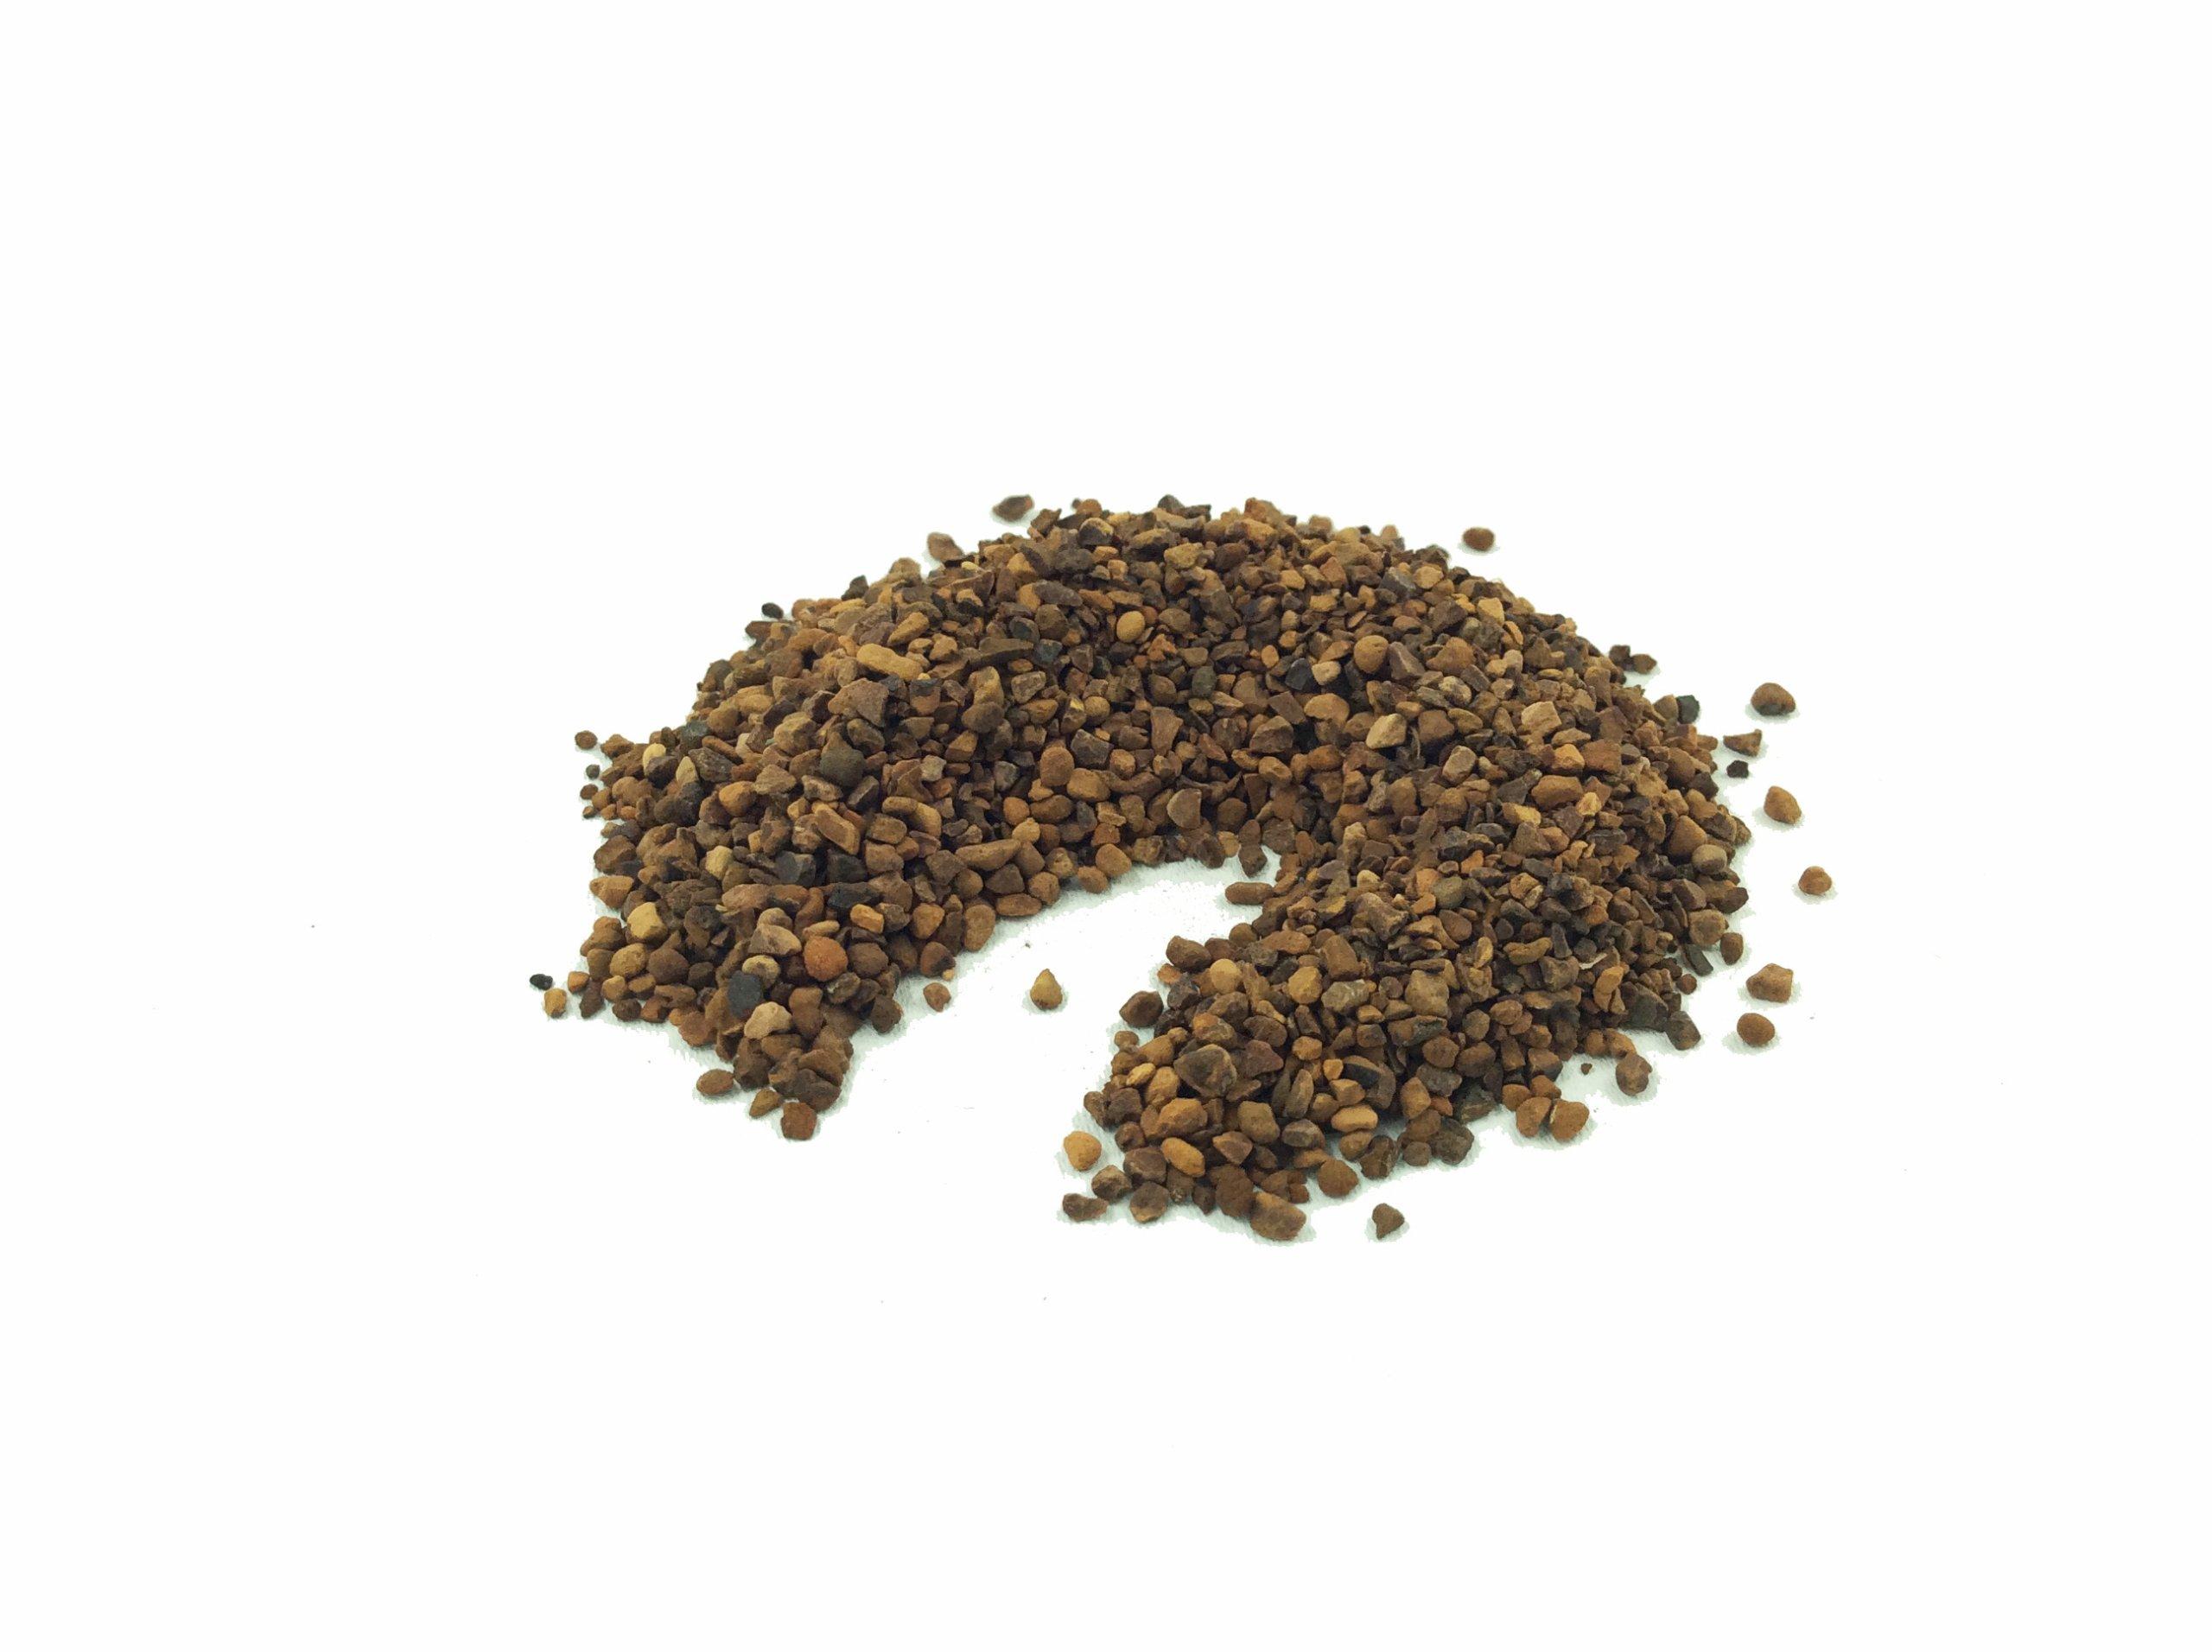 ARAŠIDOVÉ KOLIESKA Kolesá matice Tráve 5 kg s Kurpi